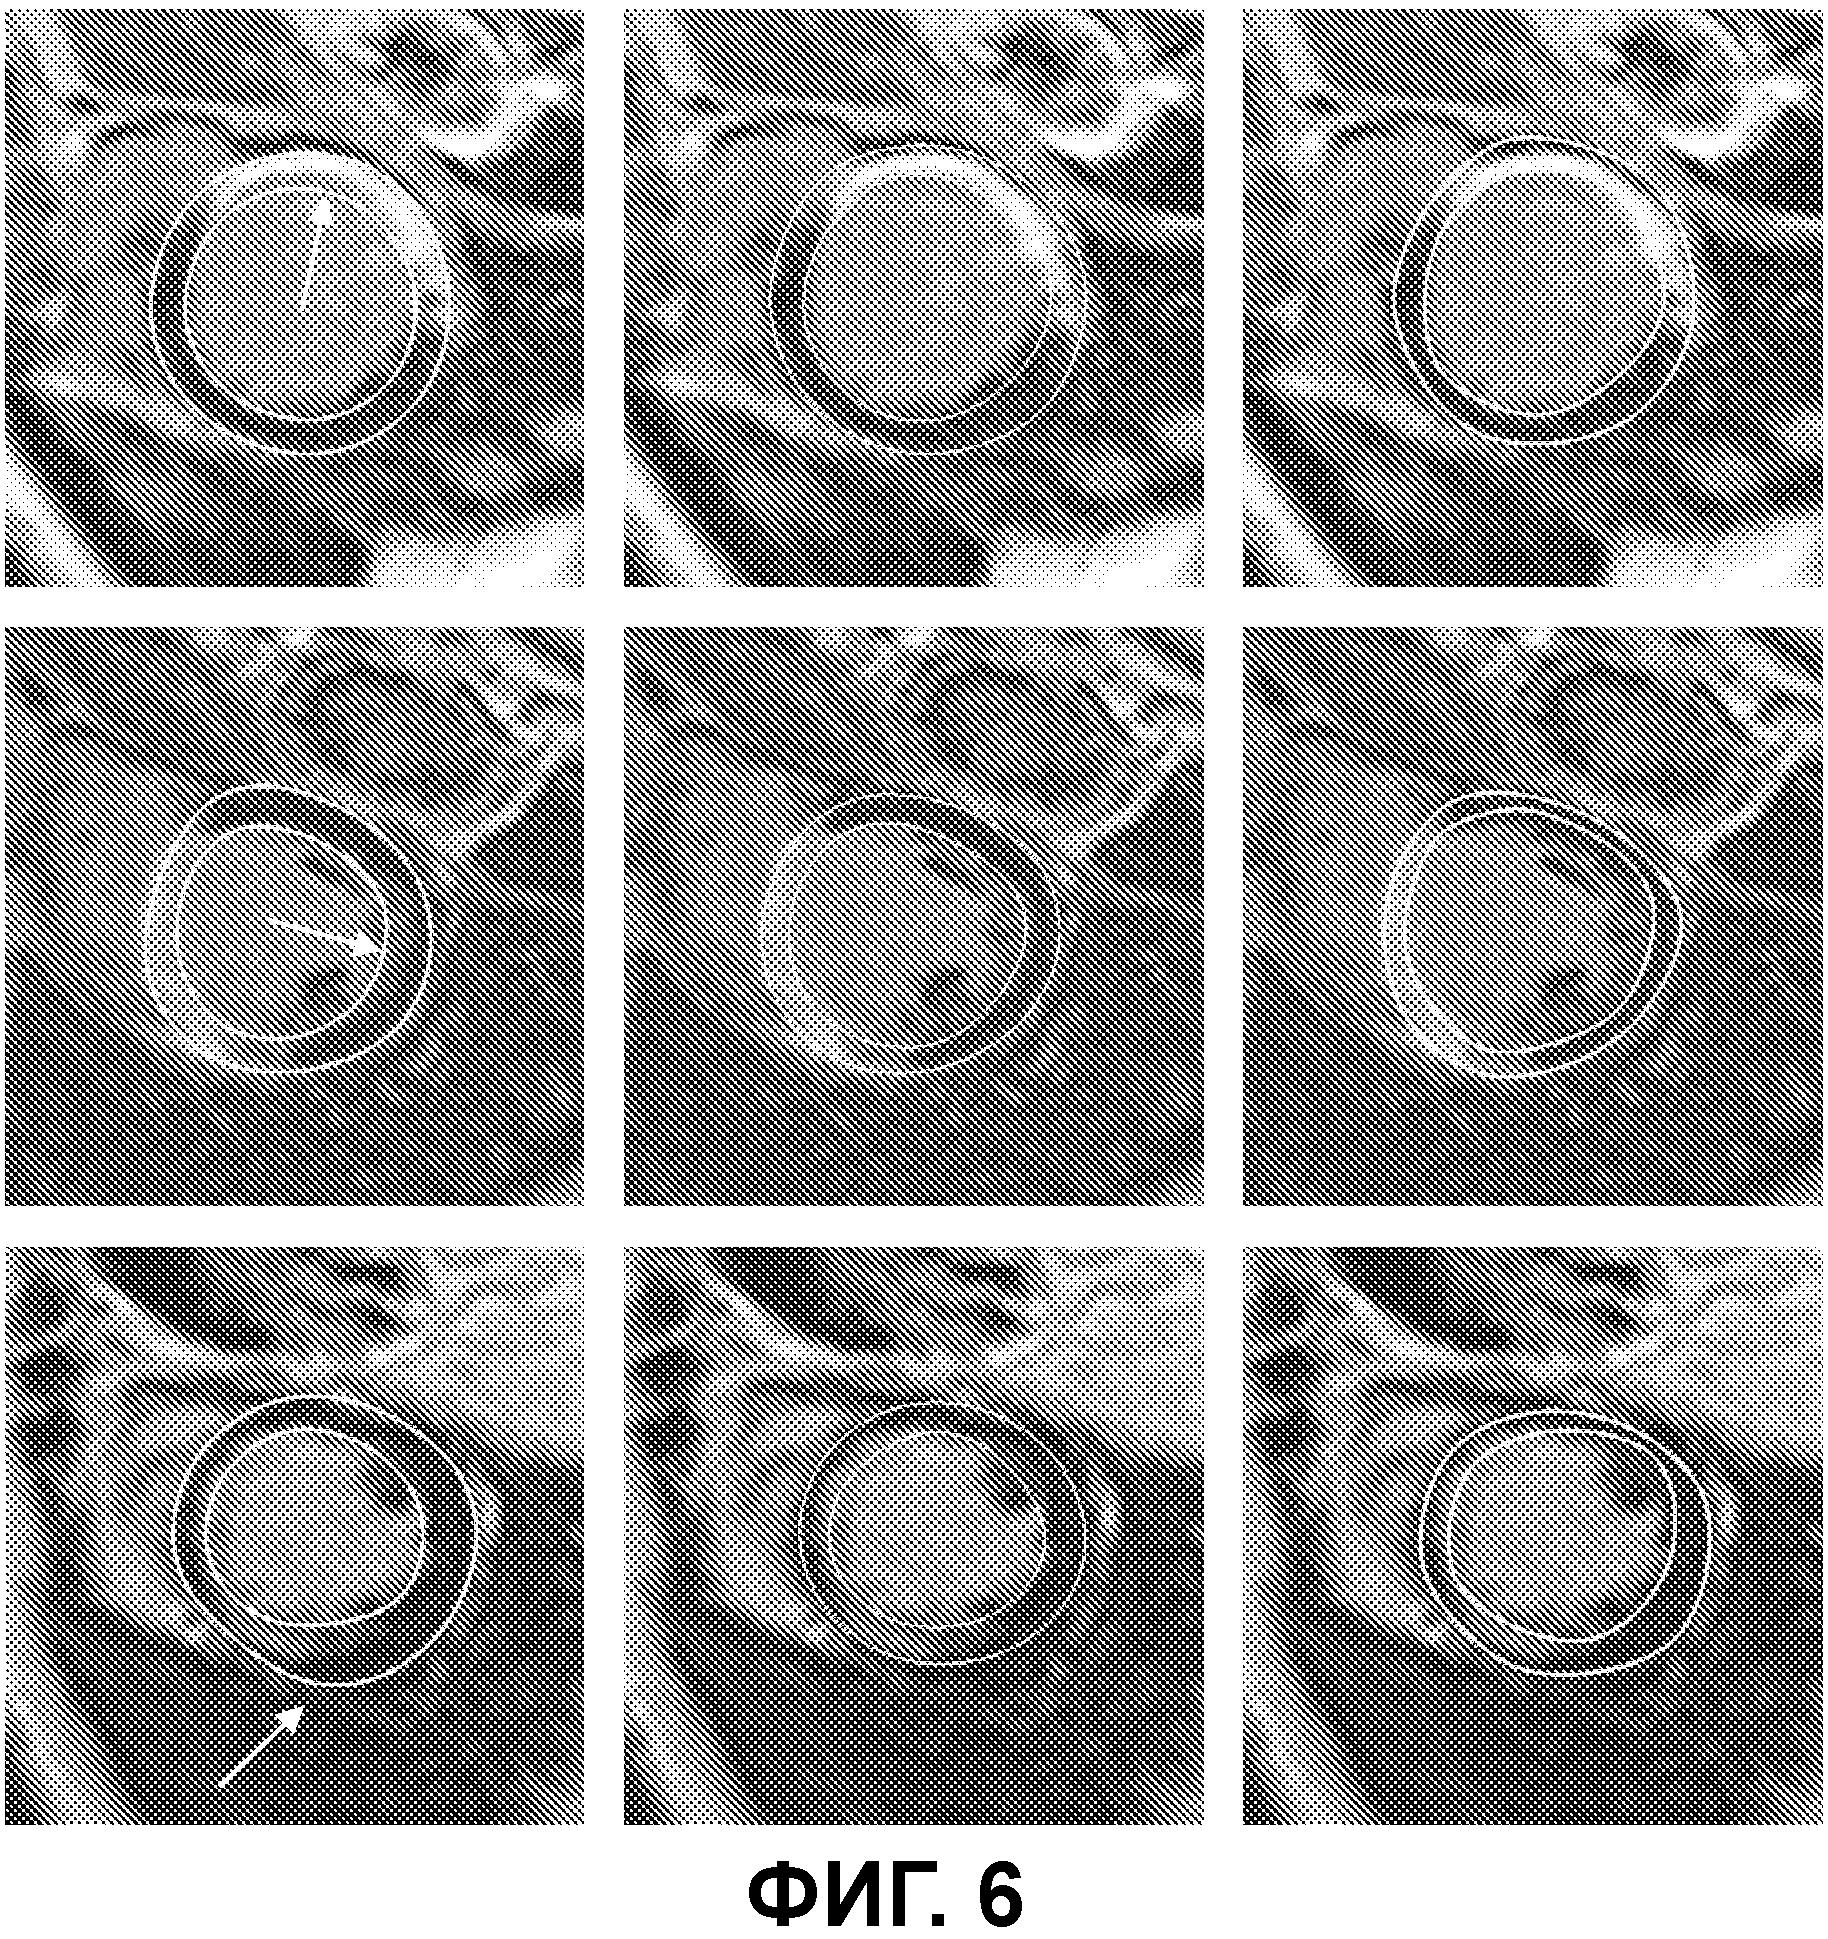 Автоматическая трехмерная сегментация изображения сердца по короткой оси, полученного методом магнитно-резонансной томографии с отложенным контрастированием